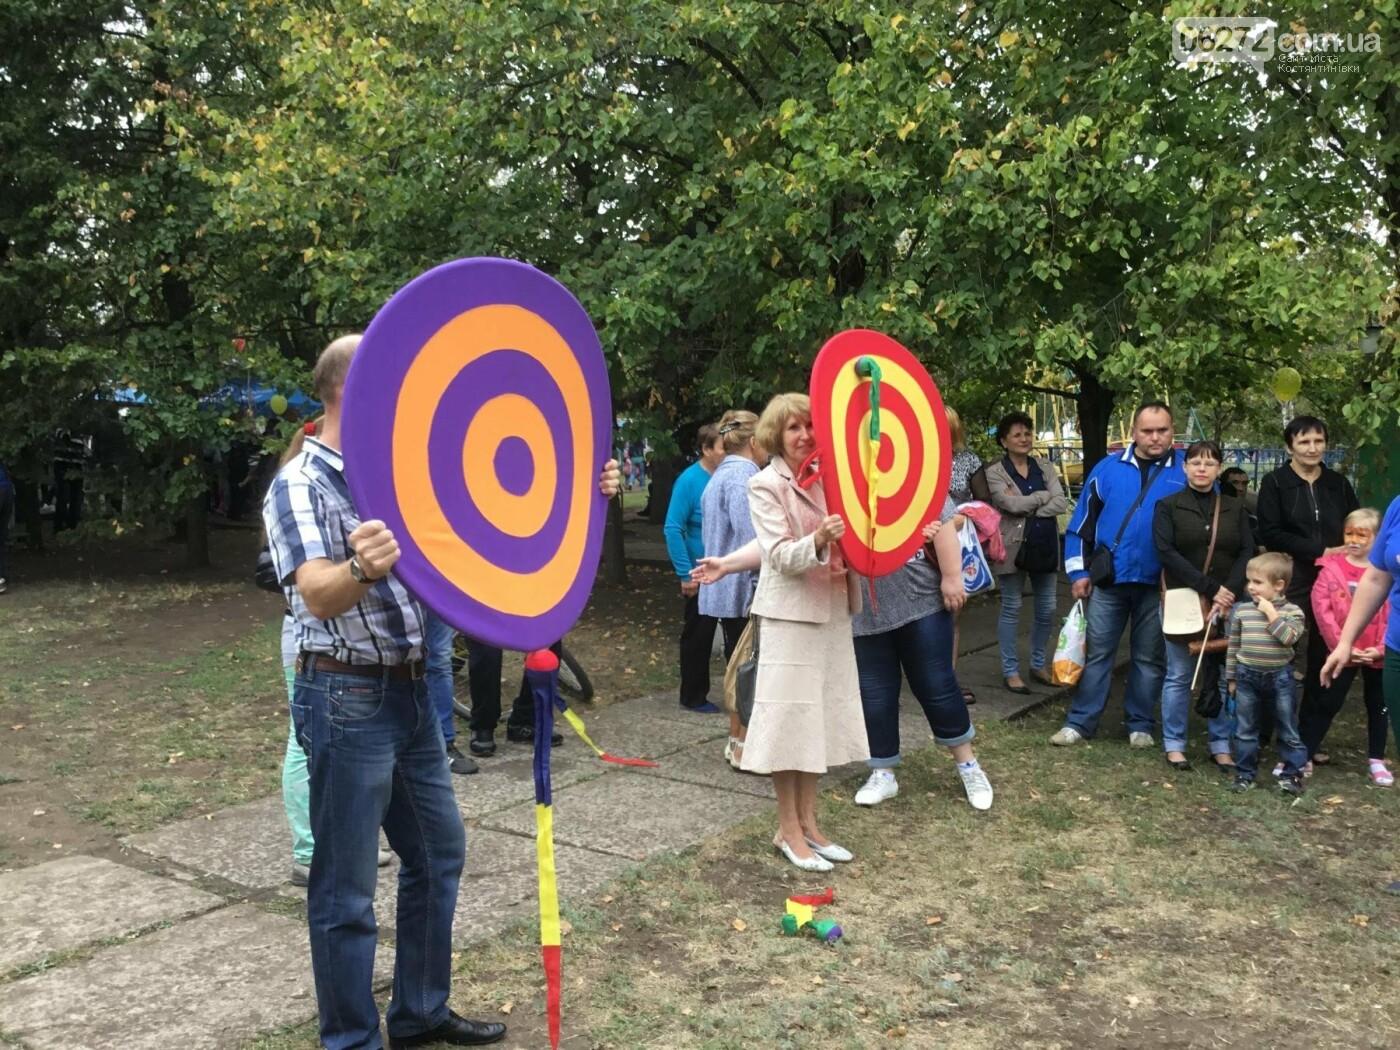 Вчора у Костянтинівці провели міський конкурс «Арт-подвір'я», фото-9